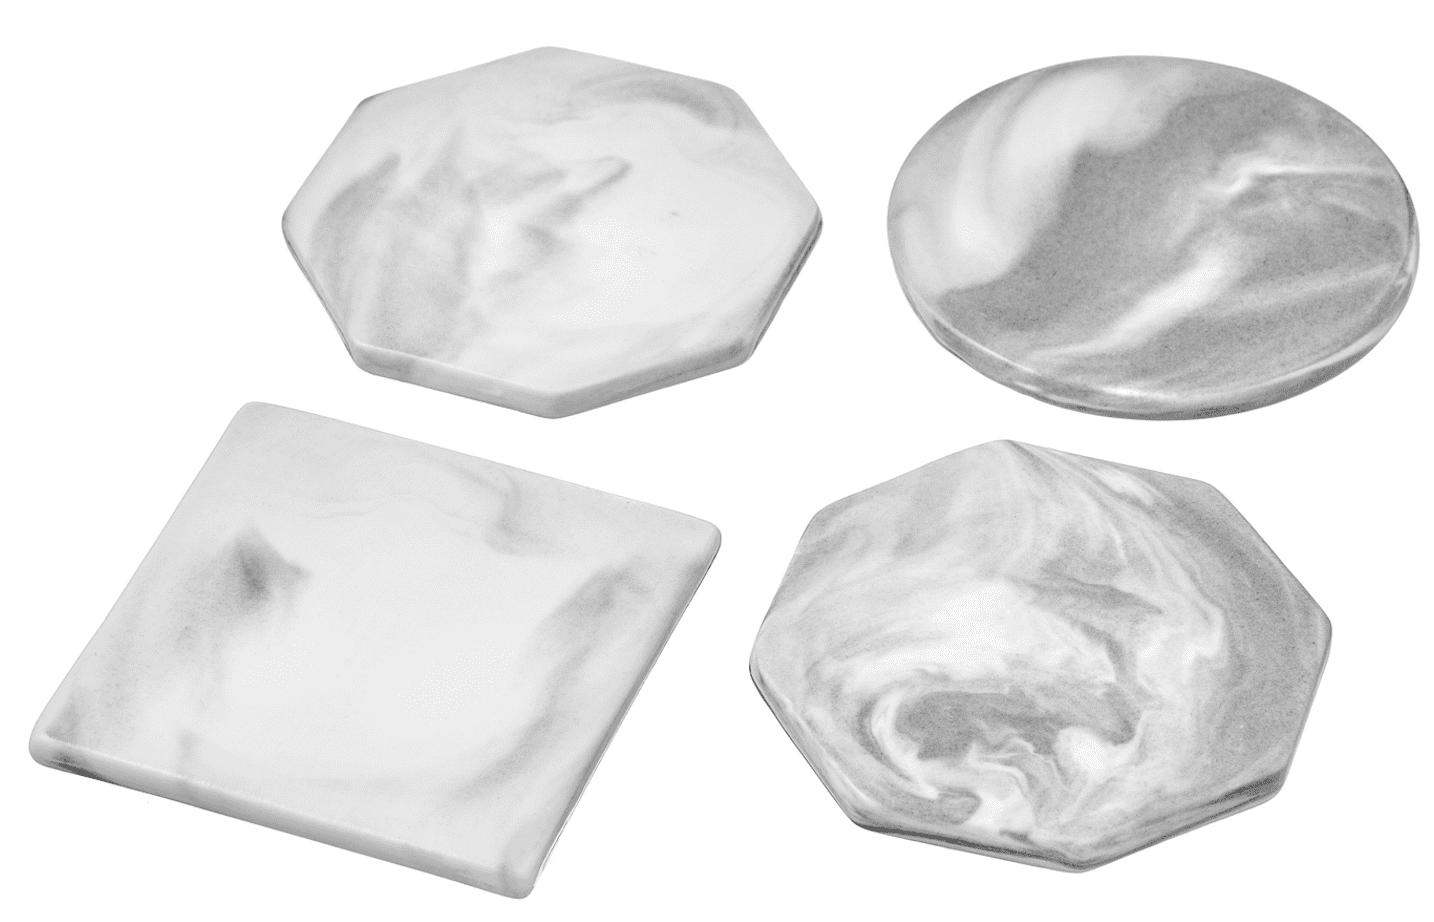 Аксессуары Подставки из керамики для пиал, кружек и стаканов серого цвета Снимок_экрана_2021-02-23_в_17.09.59.png